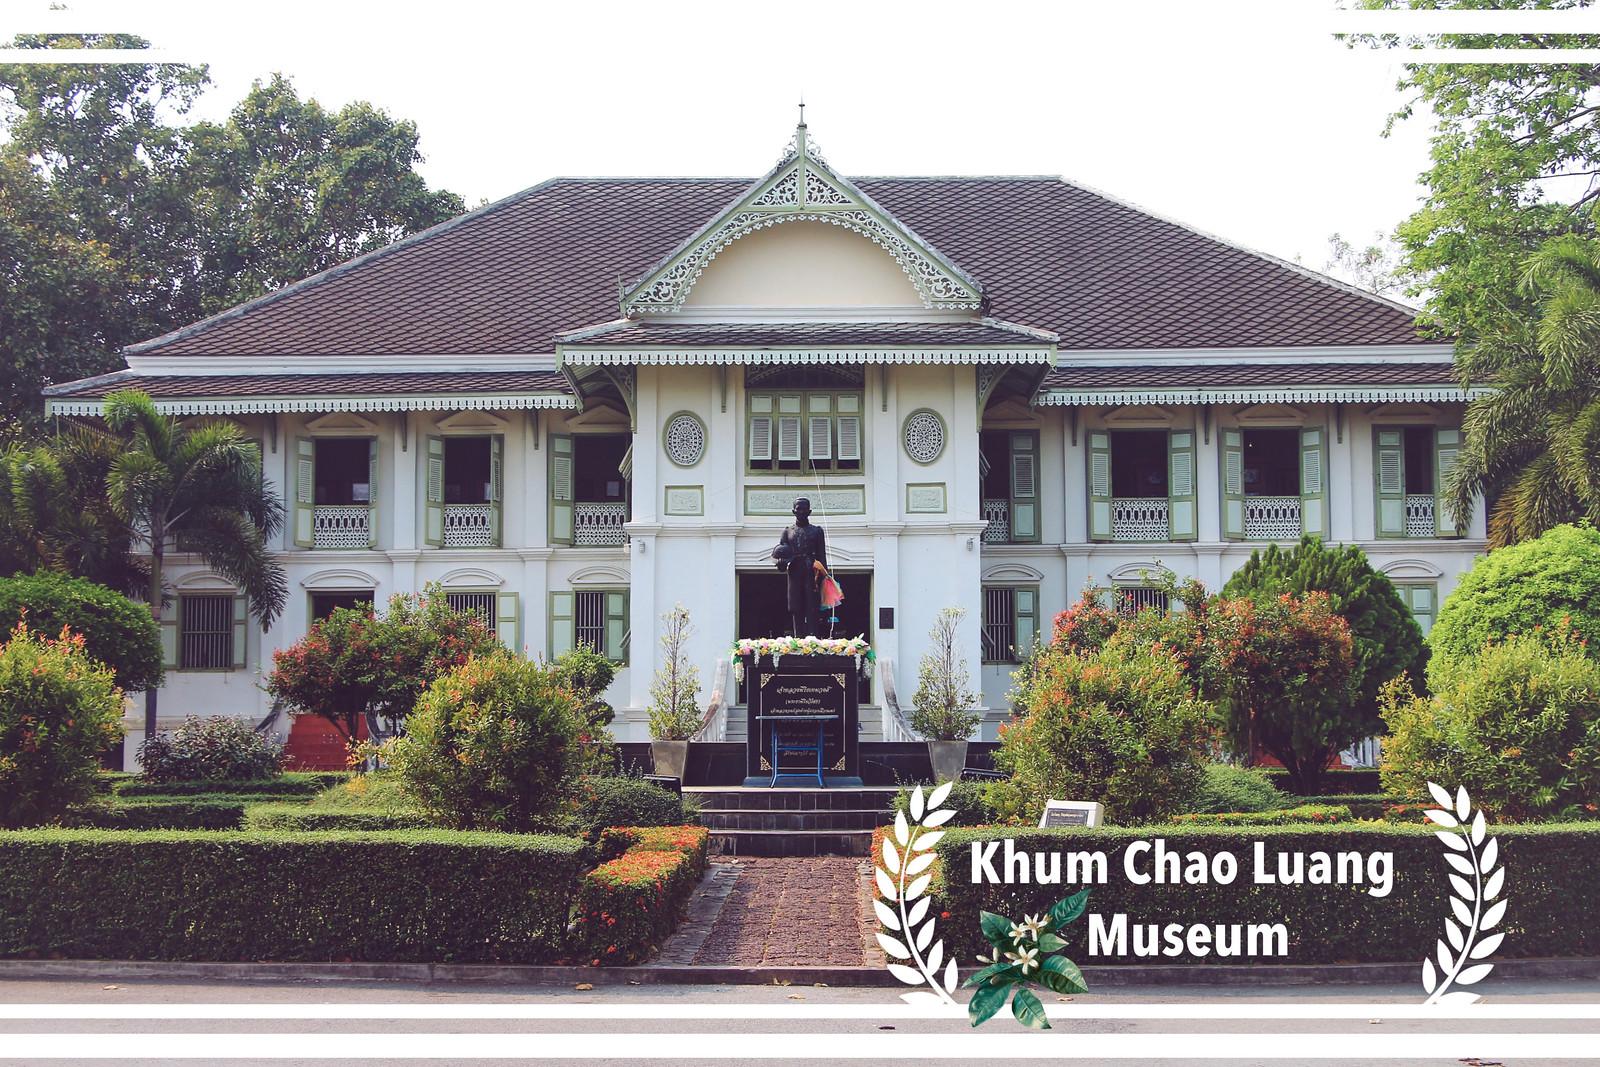 帕府.貴族老宅博物館「Khum Chao Luang Museum คุ้มเจ้าหลวงเมืองแพร่」